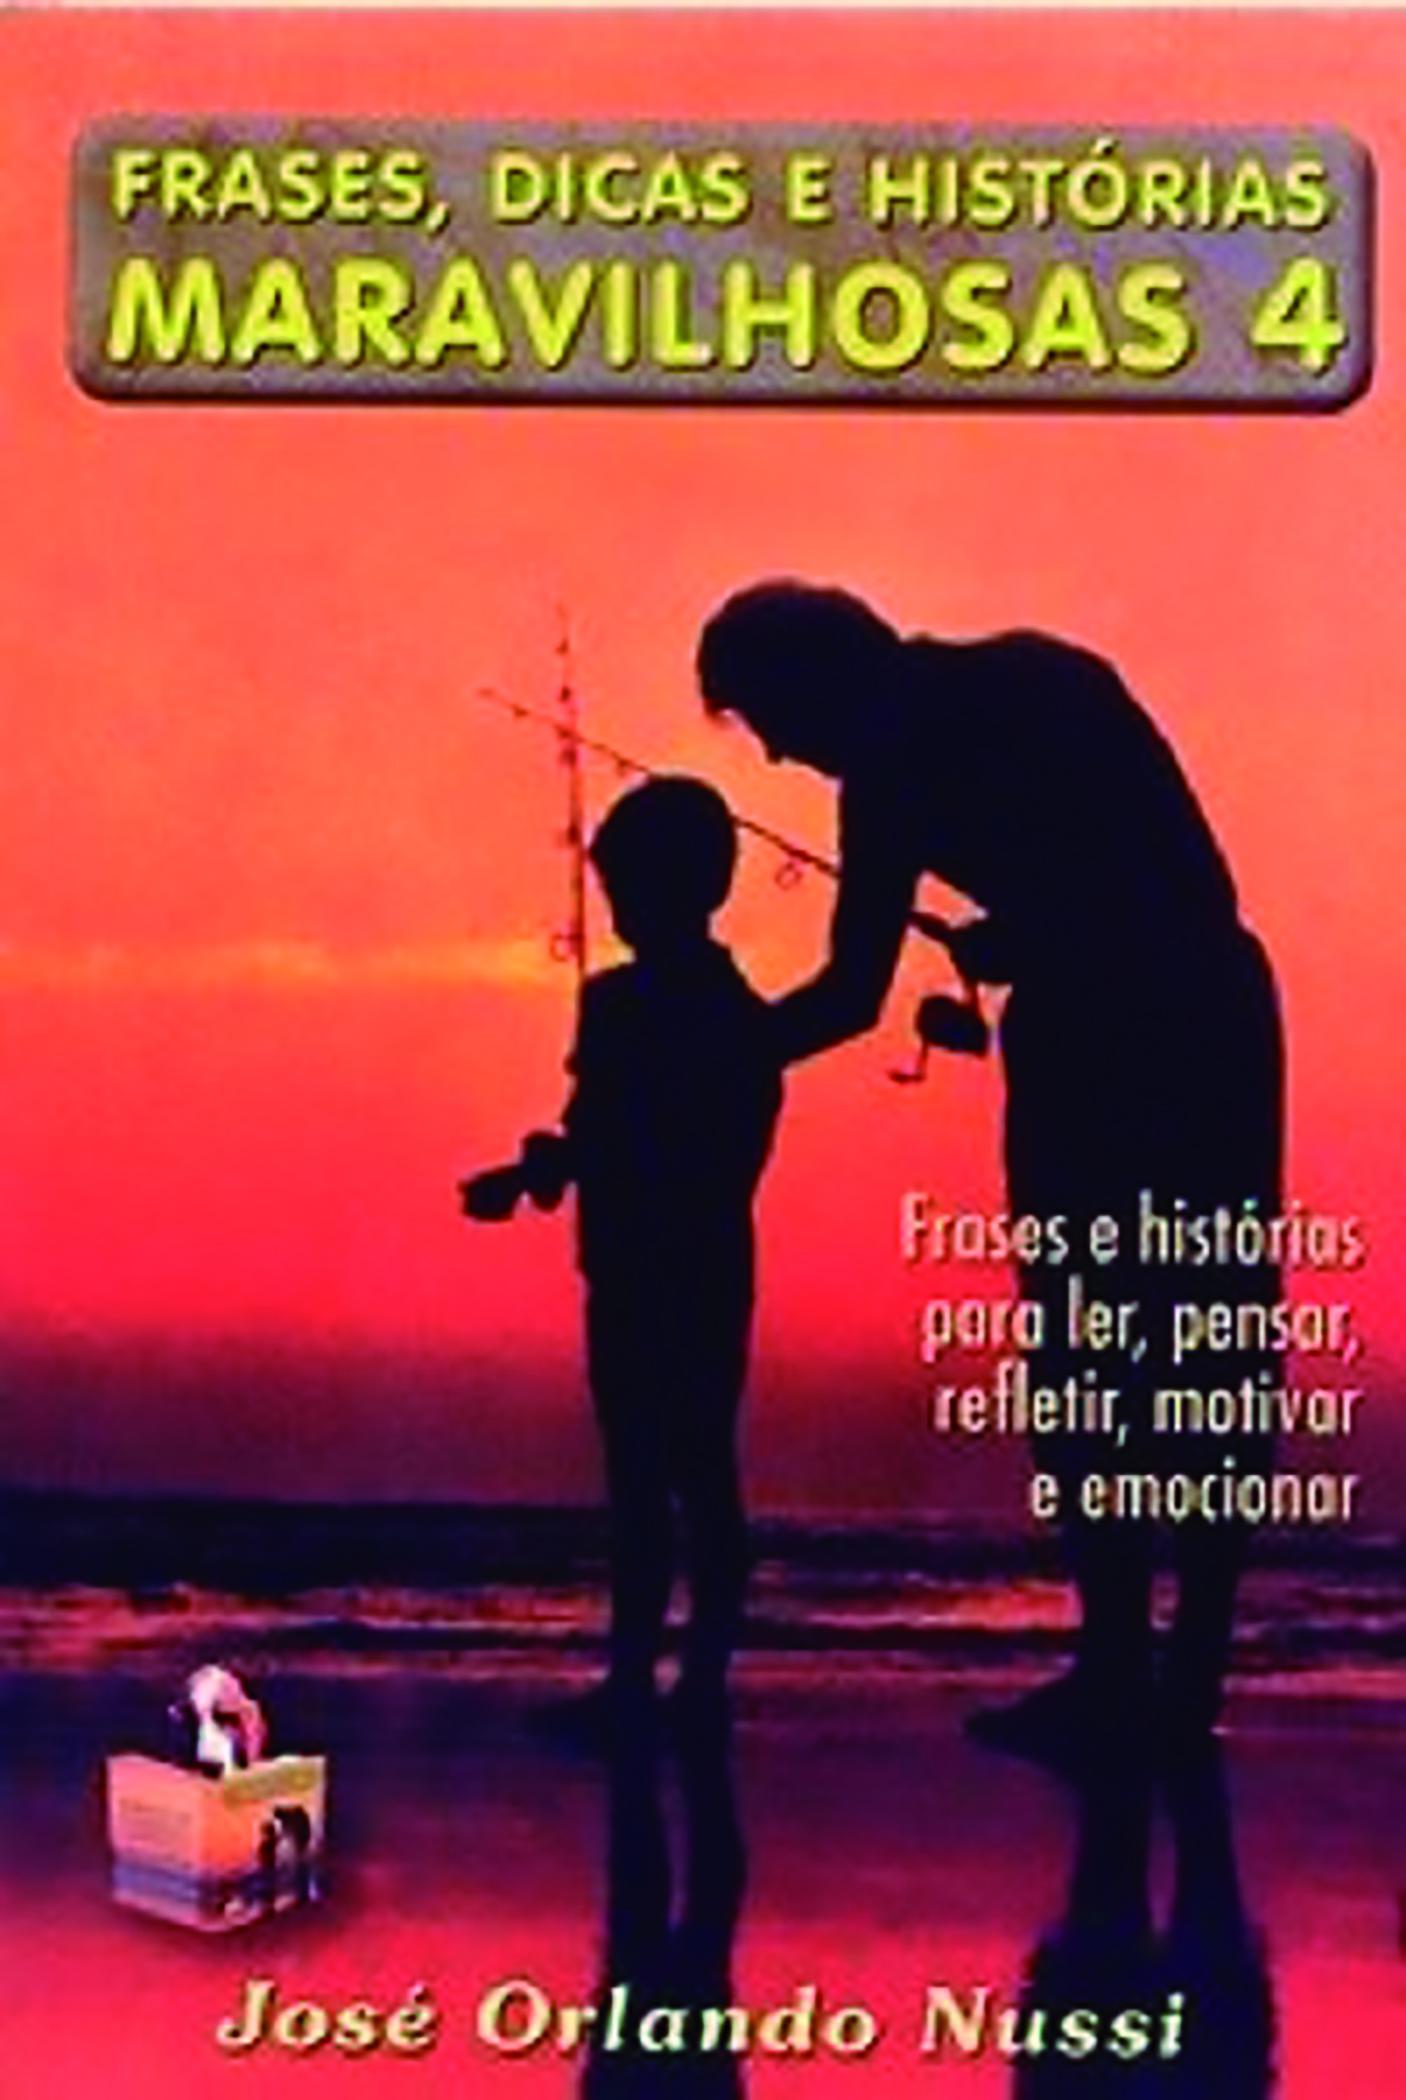 FRASES DICAS E HIST. MARAVILHOSAS - V 04